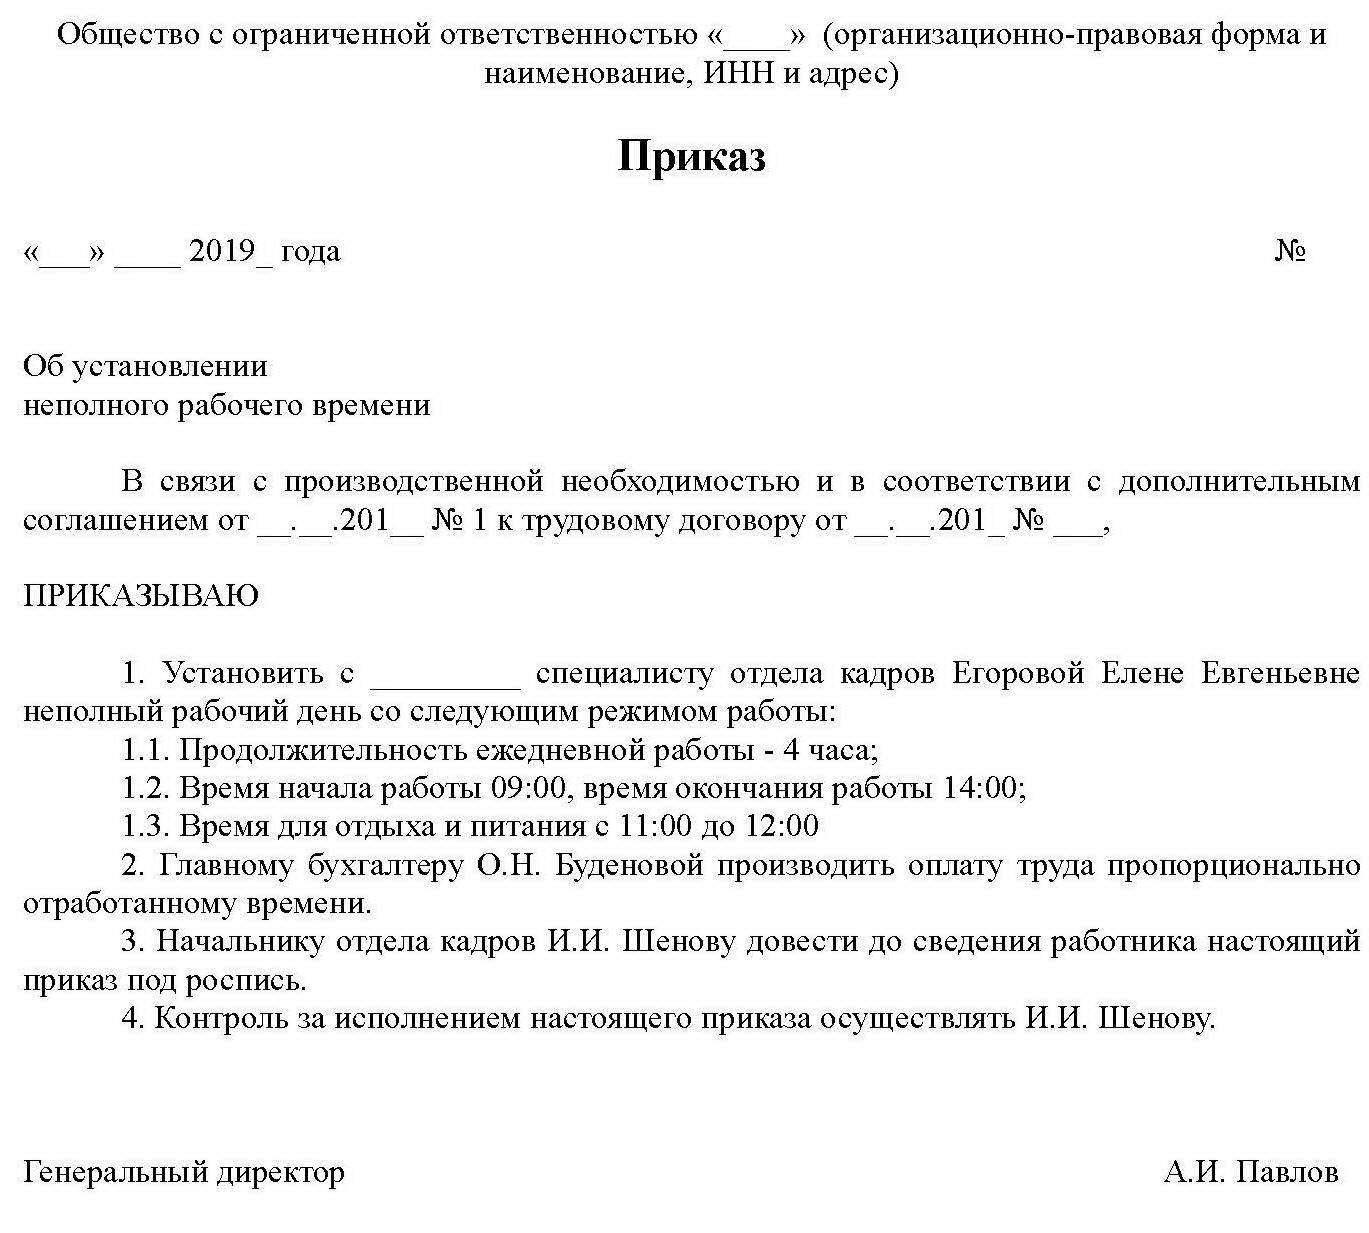 Пример приказа о переводе работника с 05 ставки на полную